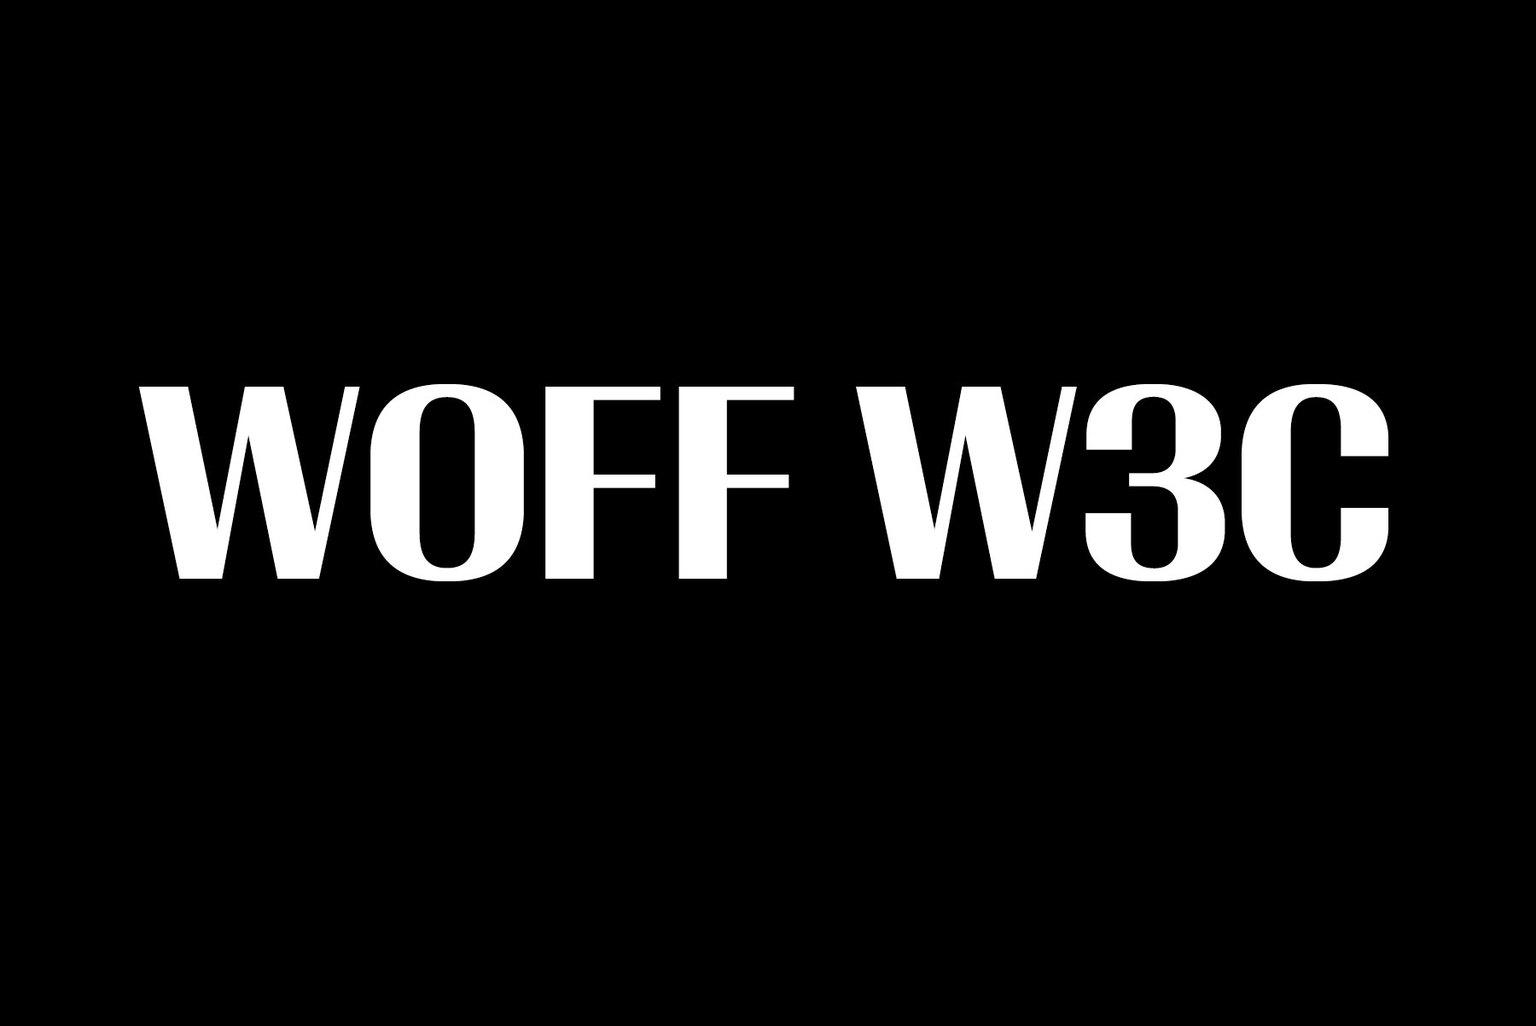 Vllg typesupply news woff w3c